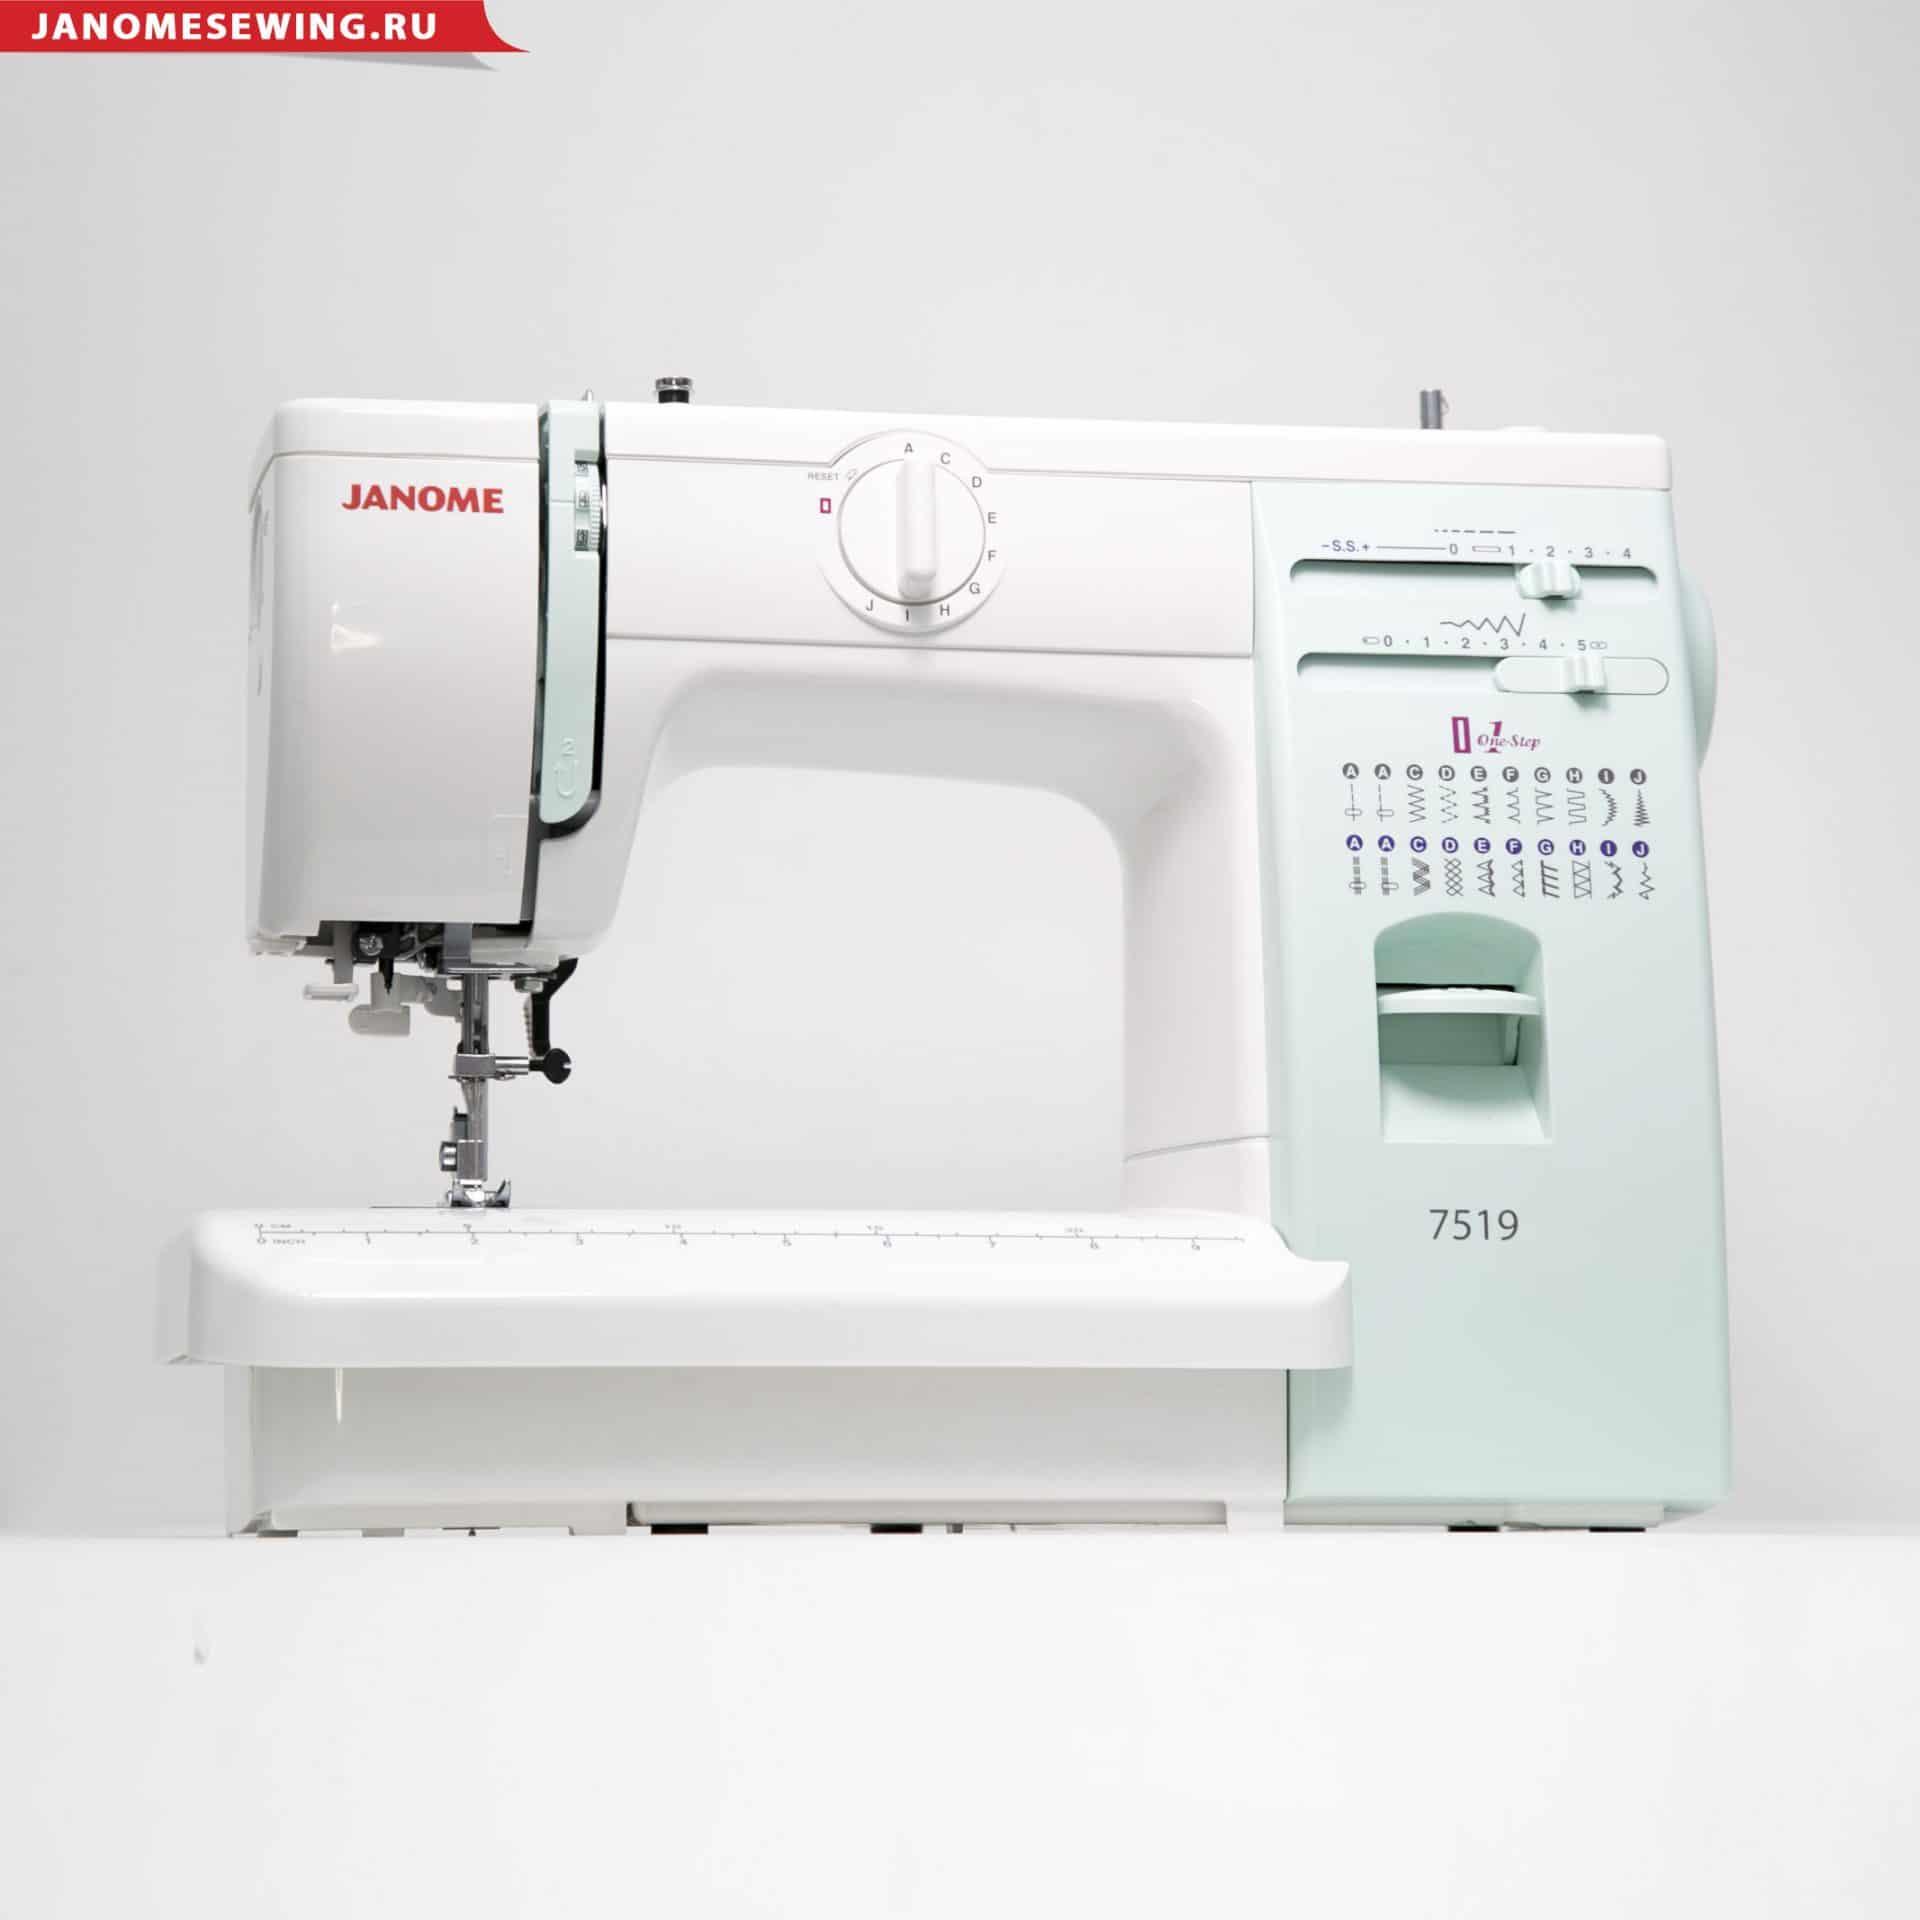 Ремонт швейной машины пфафф своими руками